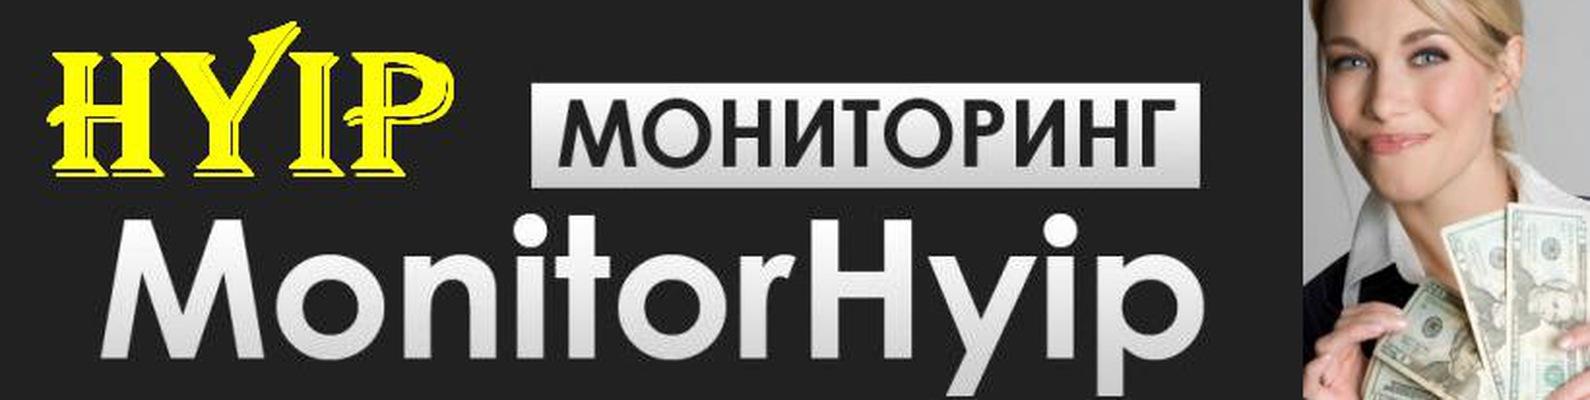 Скачать мониторинг хайпов русская версия